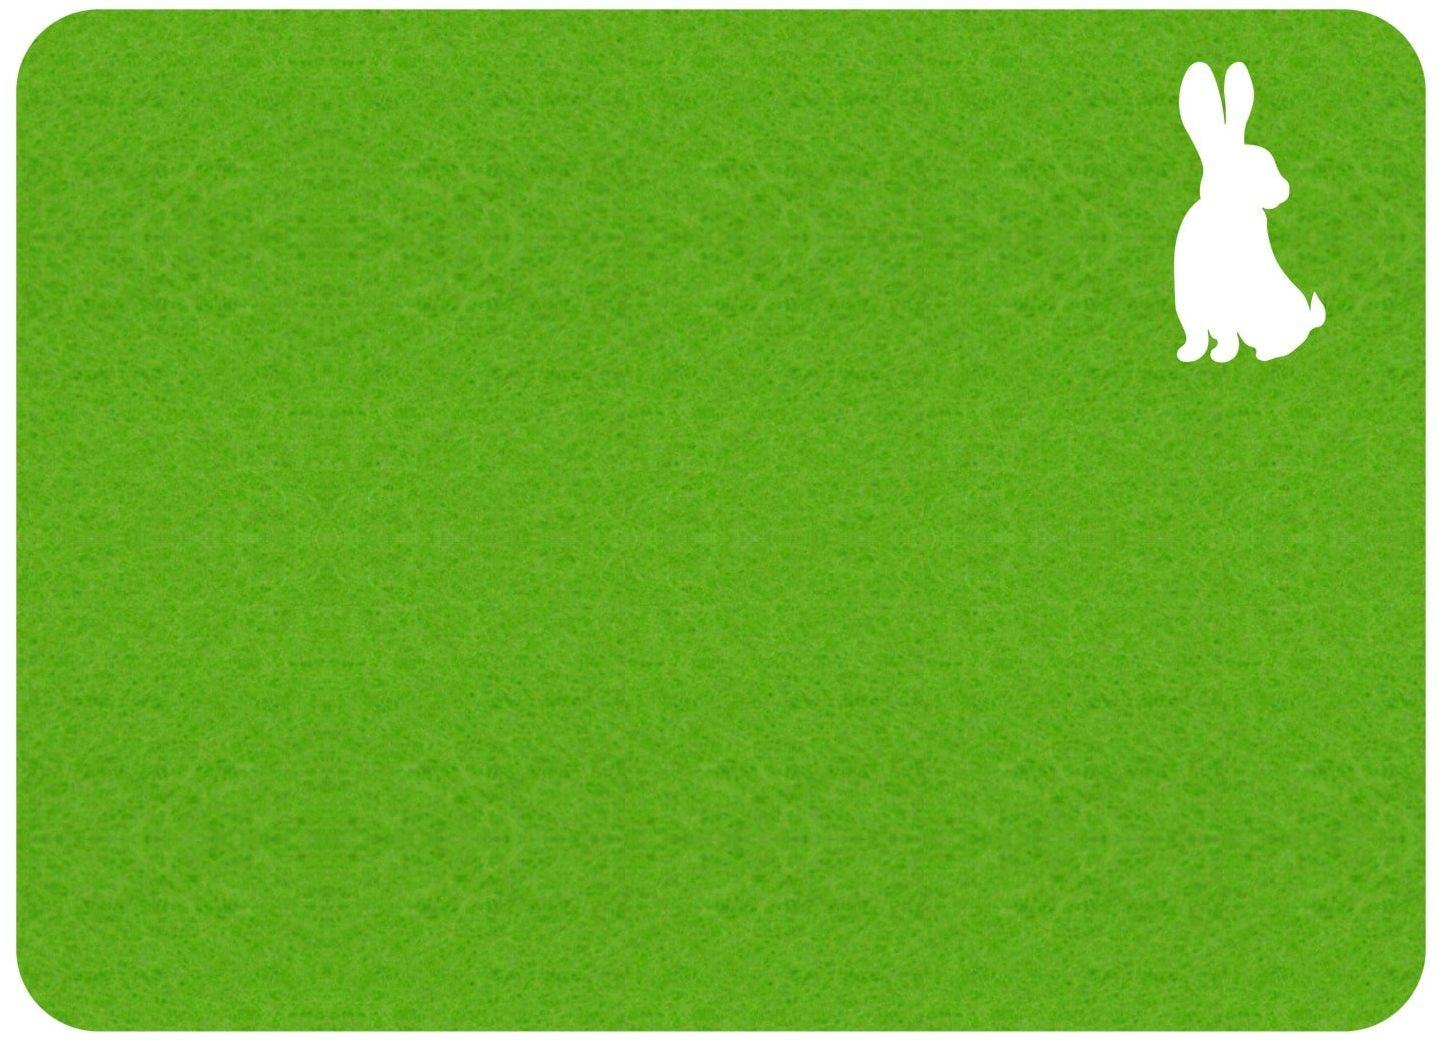 Podkładka pod talerz - Zajączek Wielkanocny - 40 cm - 1 szt.